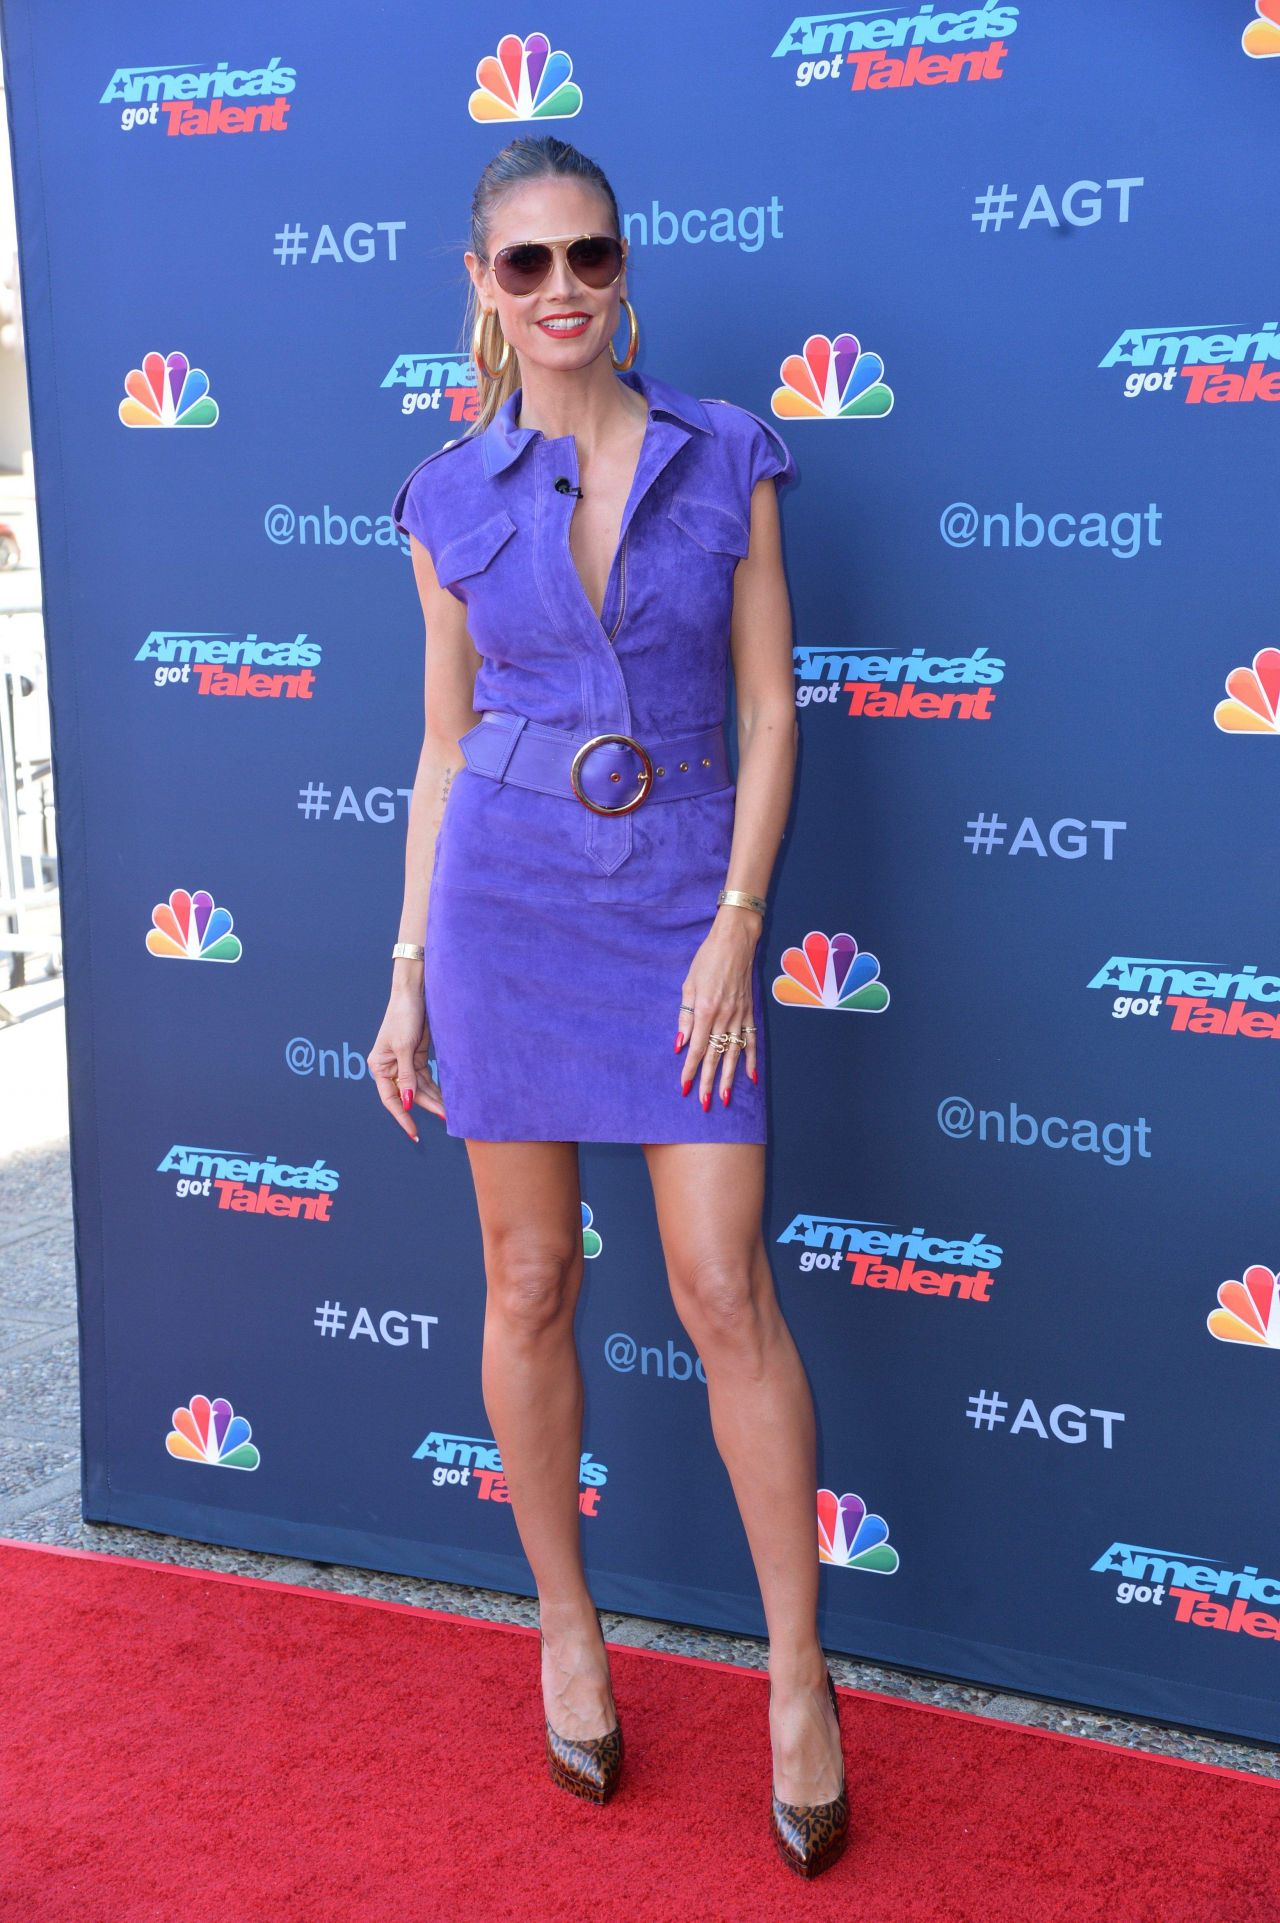 Americas got talent 2017 2 - Heidi Klum America S Got Talent Season 12 Kick Off Event In La 3 27 2017